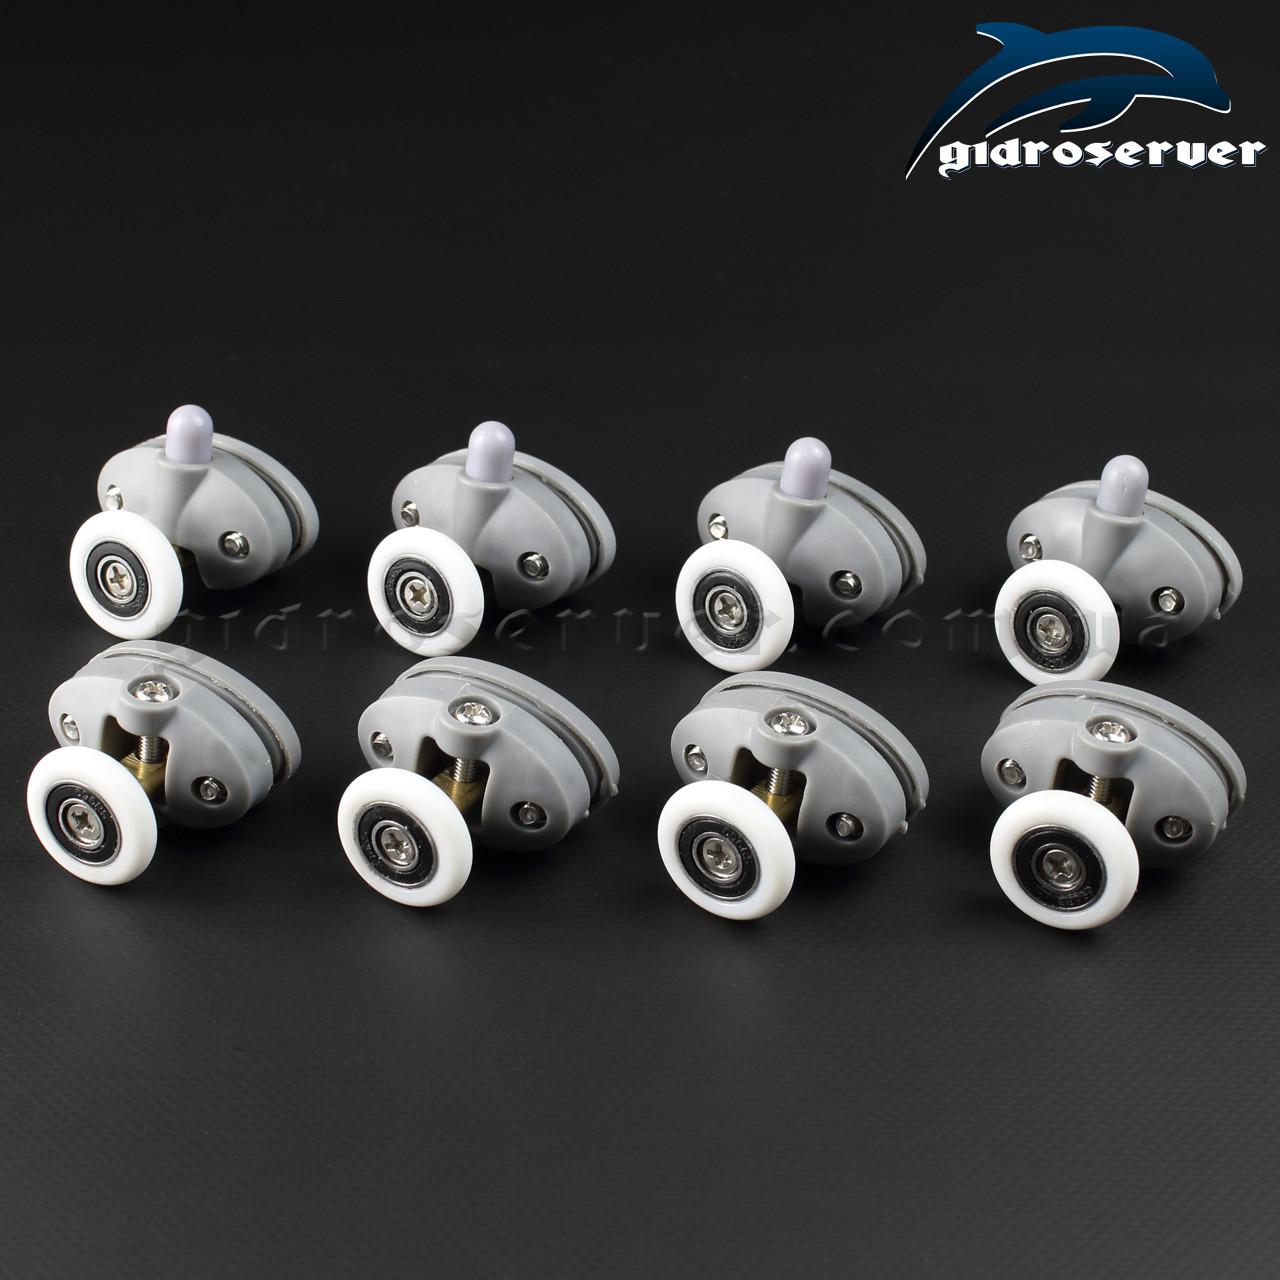 Ролики для душових кабін, гідробоксів R-17A+B комплект 8 штук.